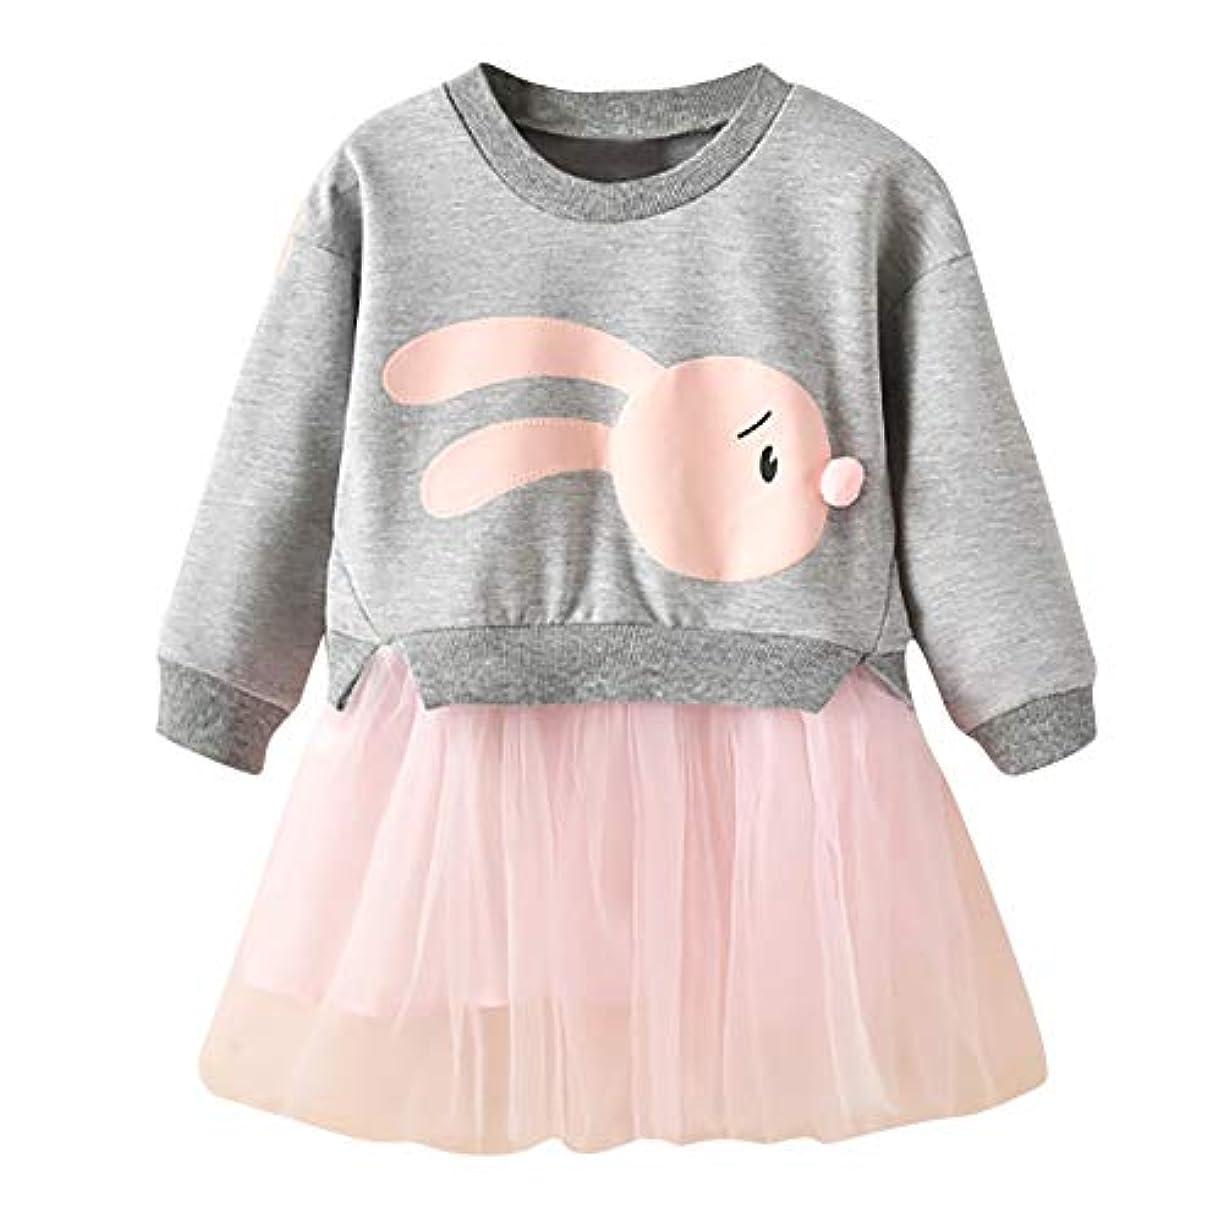 ブルーベル歯車浮浪者Onderroa - 冬の子供服の女の赤ちゃんの漫画のバニープリンセスパッチワークトレーナーチュールドレス服roupaのinfantil